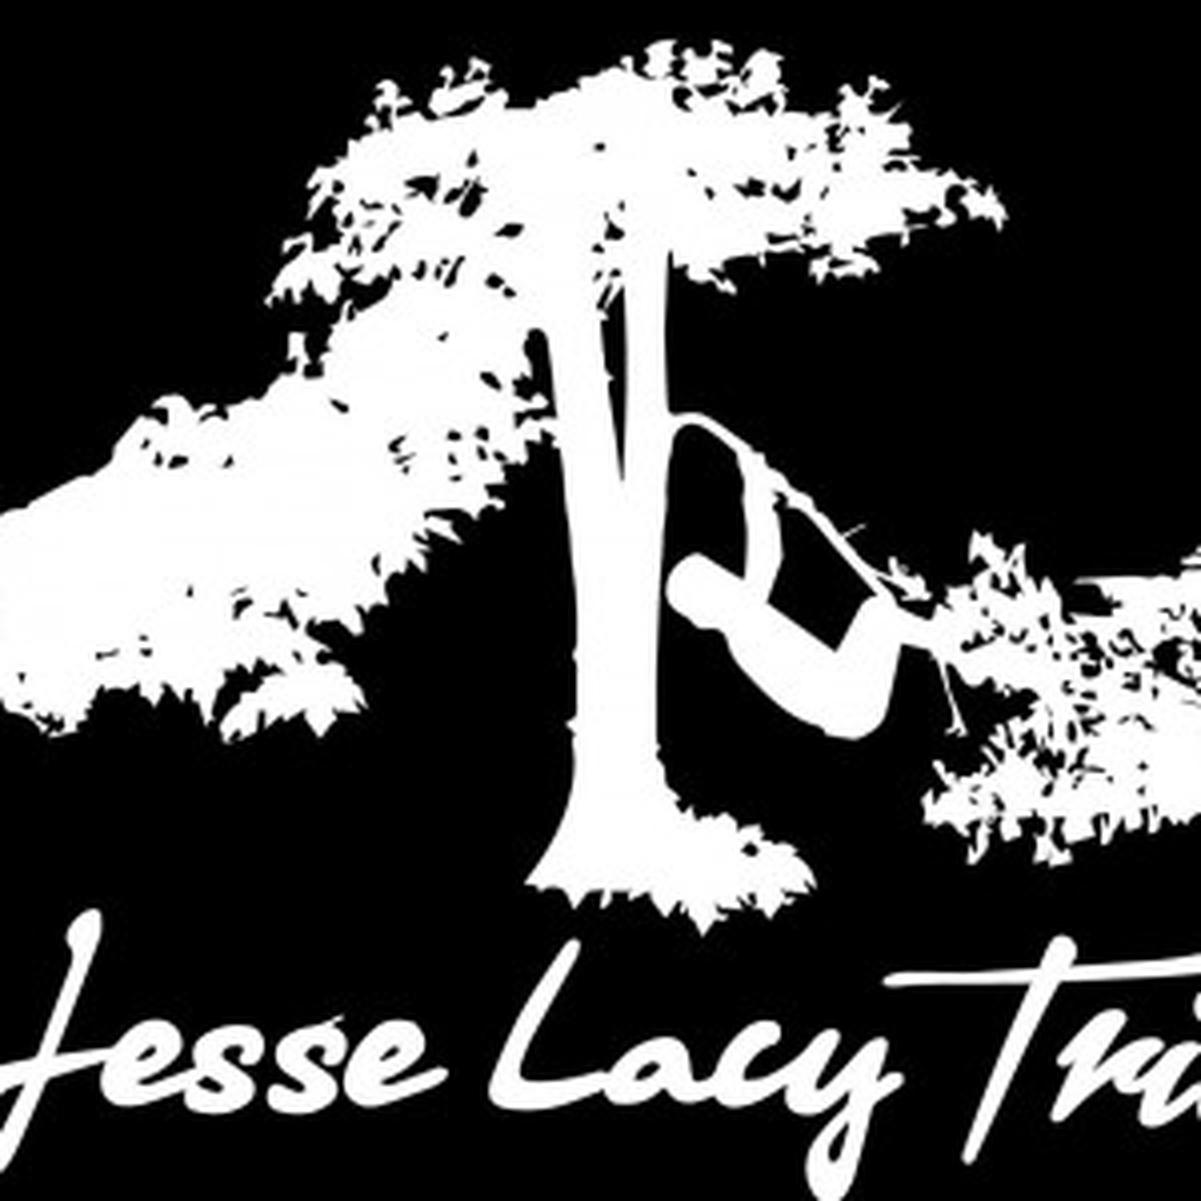 Jesse Lacy Trio wiki, Jesse Lacy Trio review, Jesse Lacy Trio history, Jesse Lacy Trio news